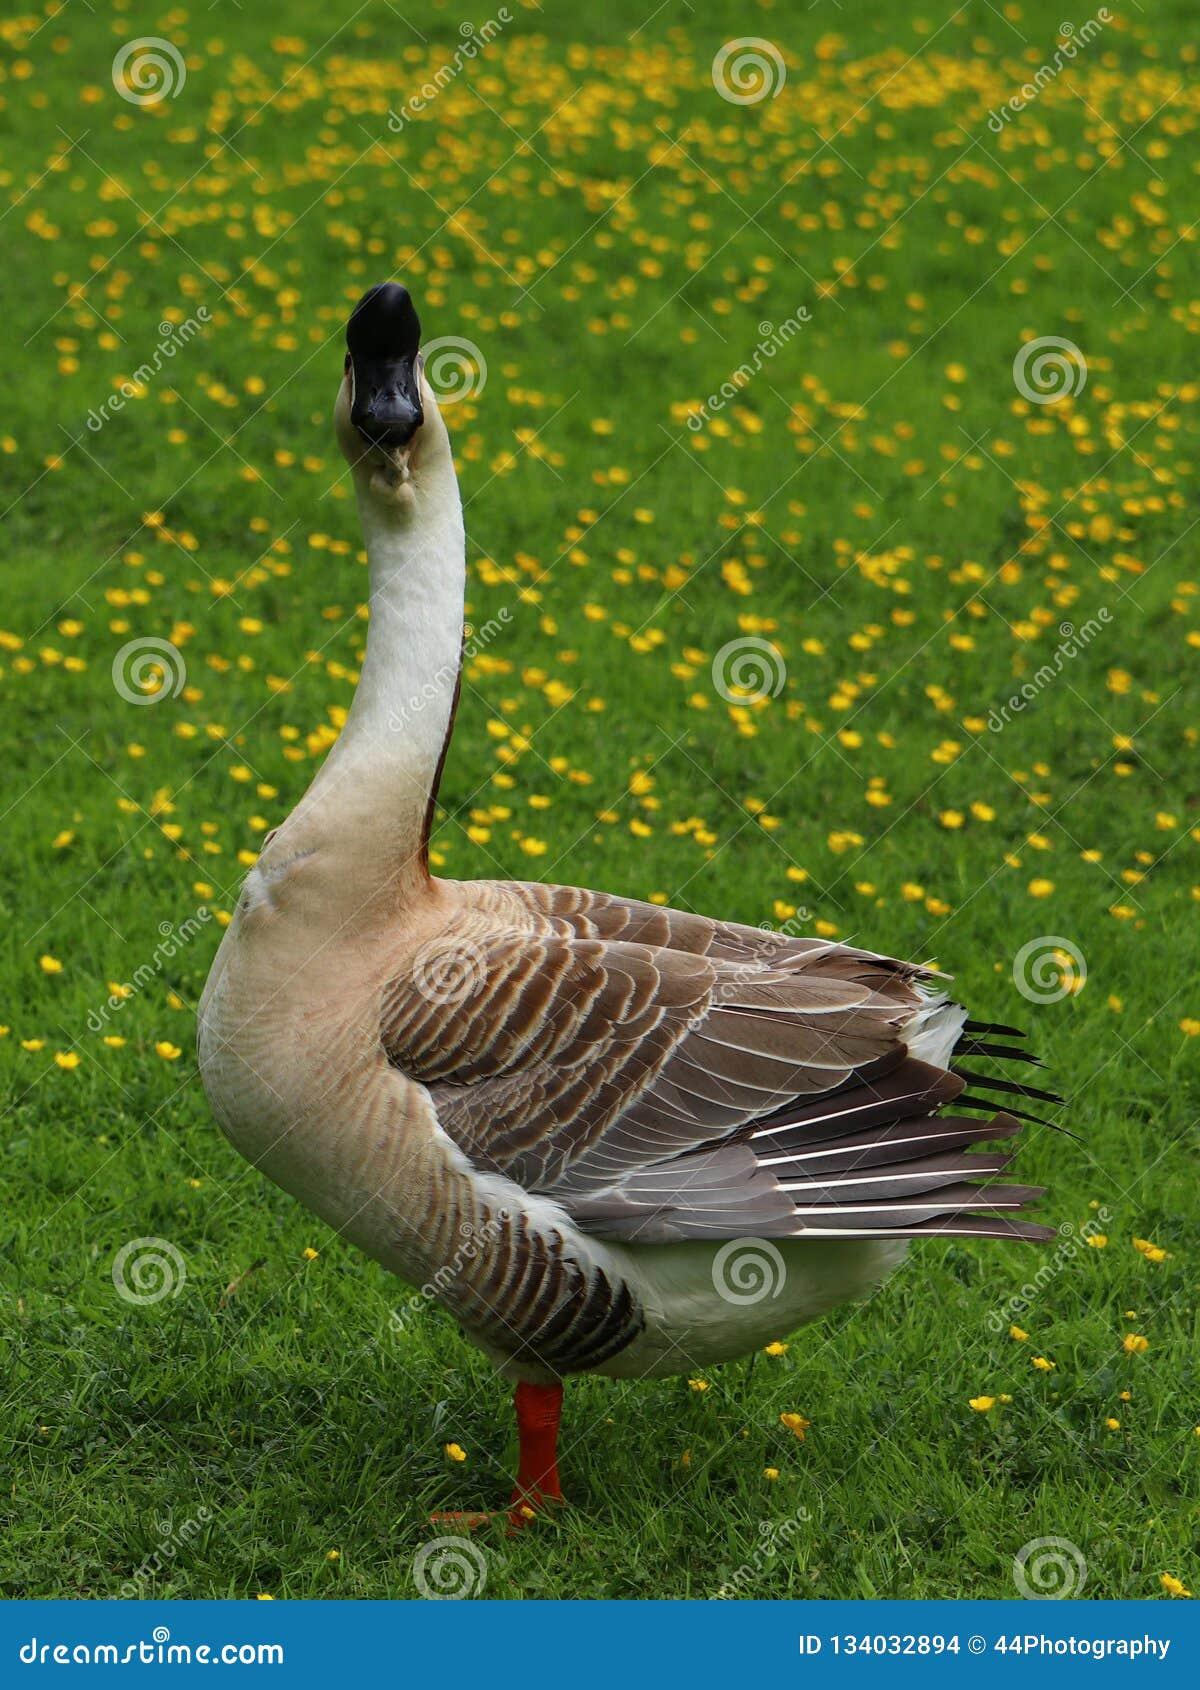 Retrato de un ganso chino marrón en un prado del ranúnculo en Alemania